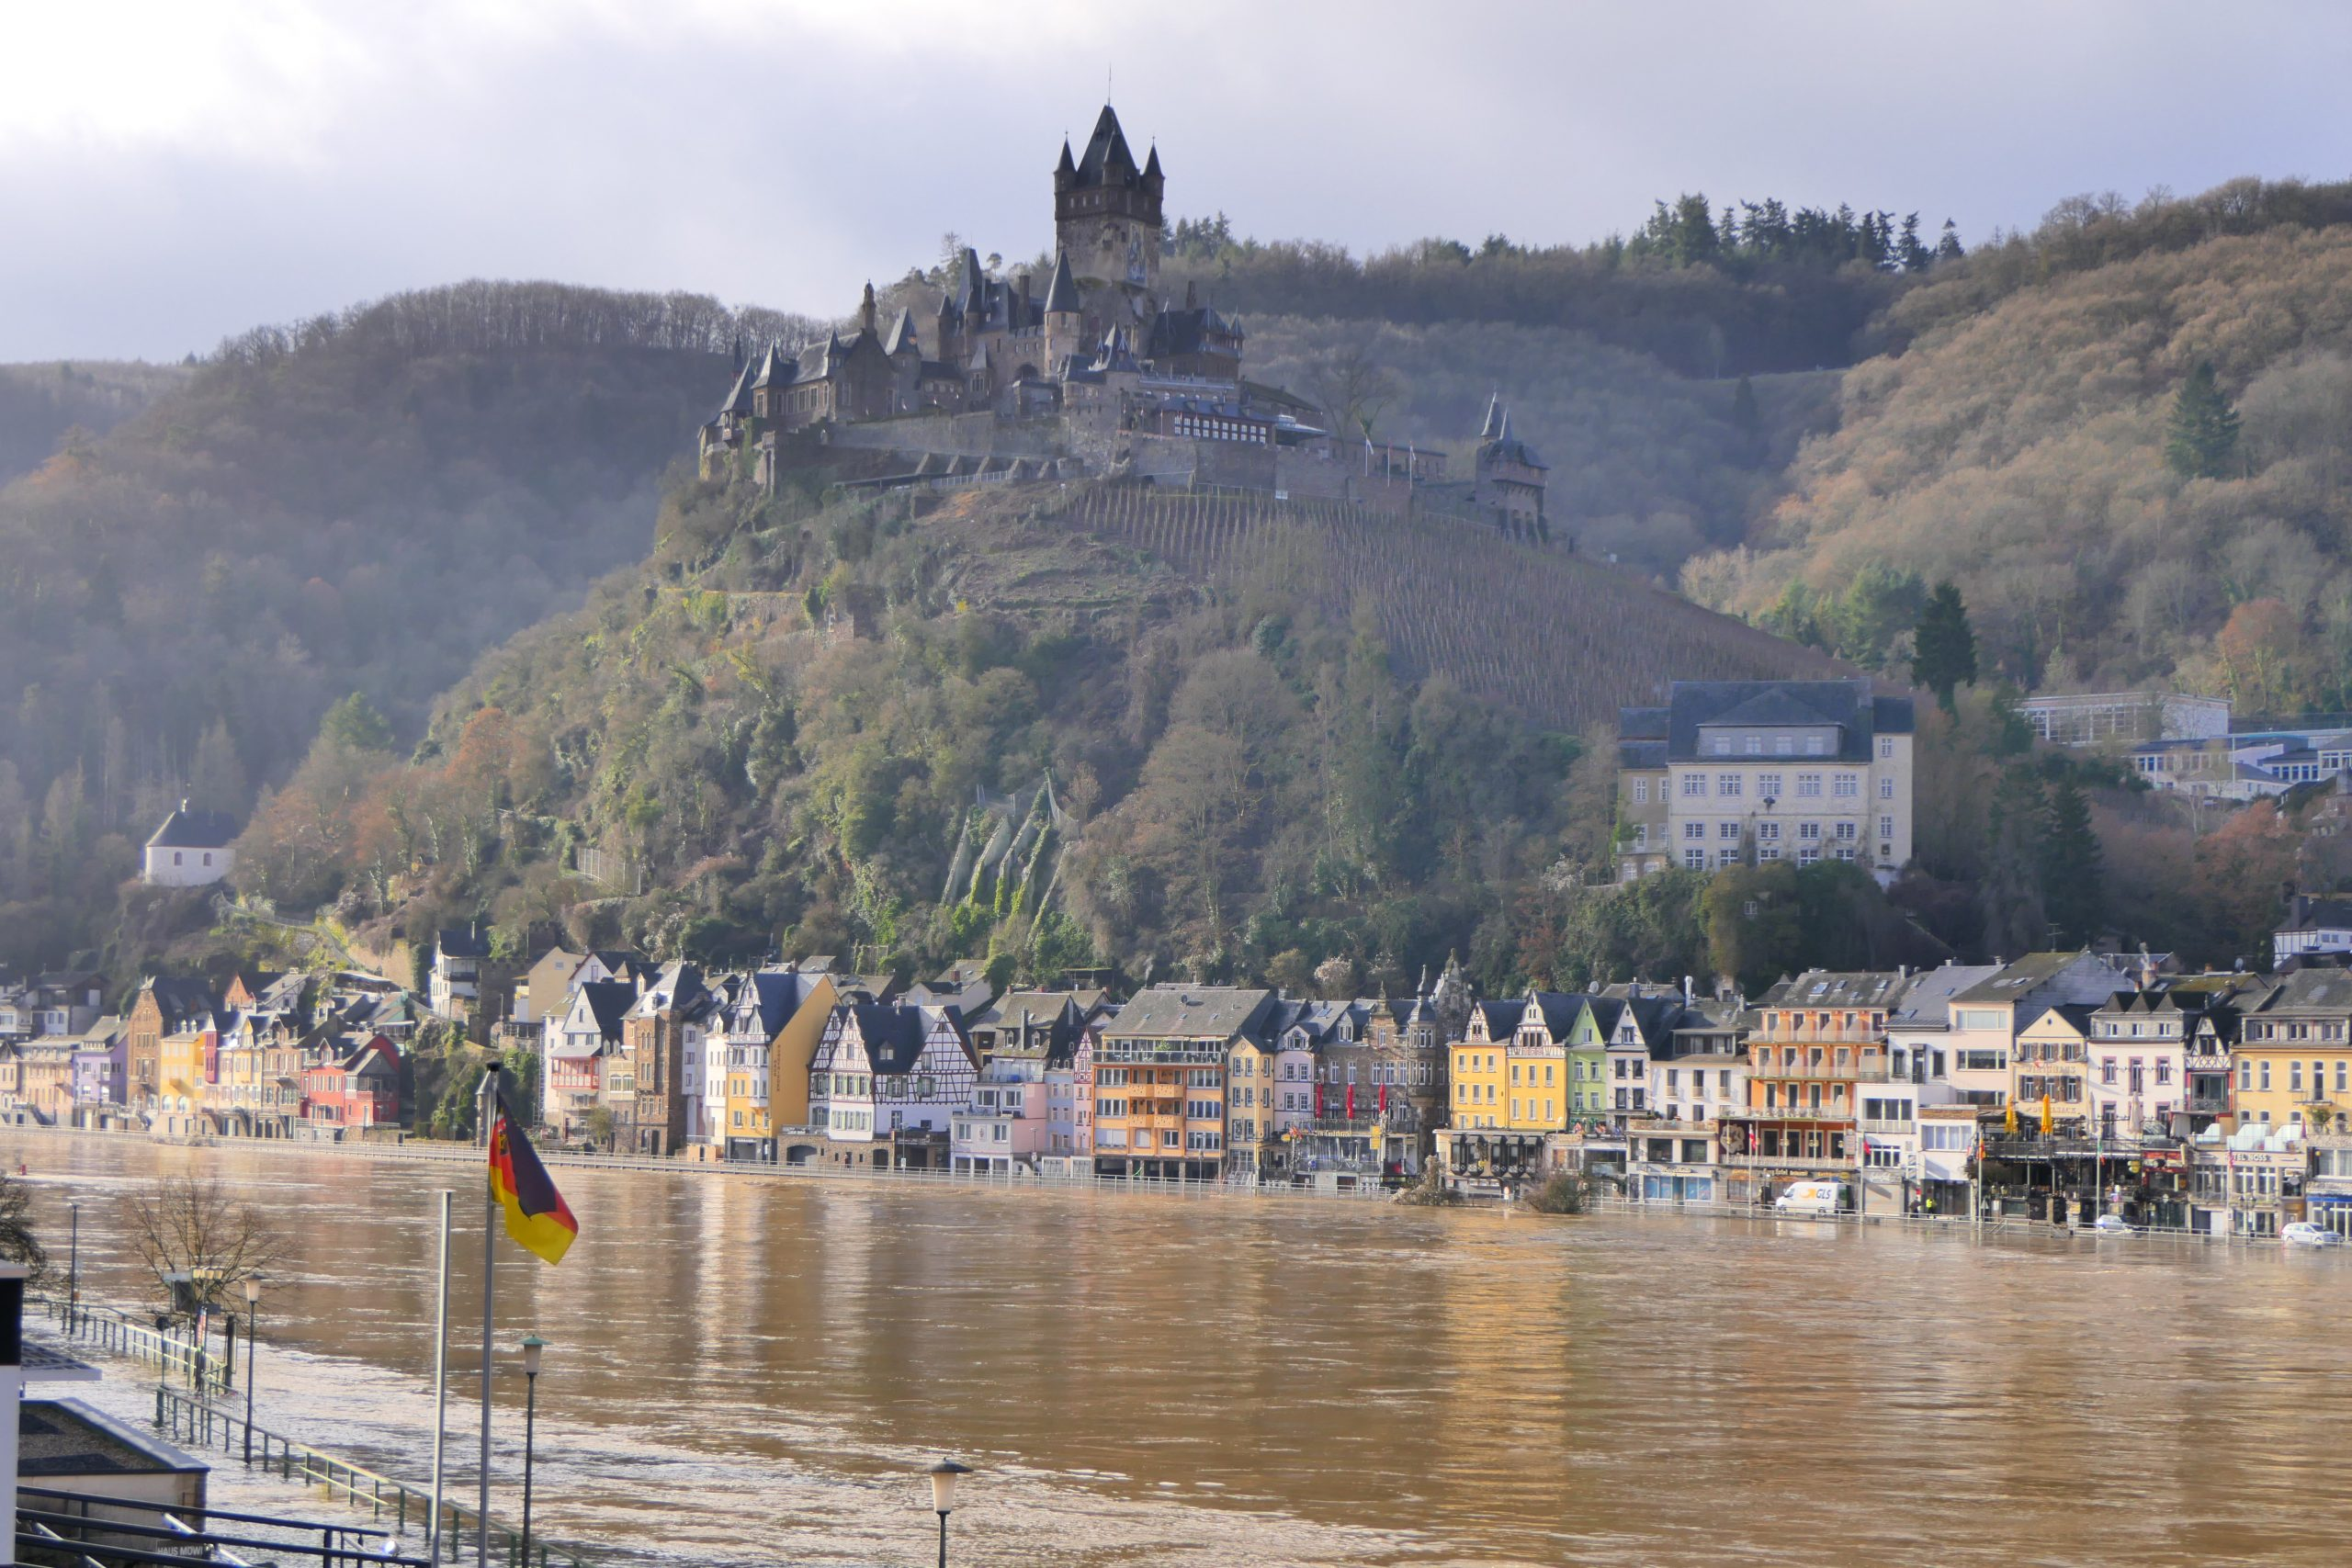 Hochwasser im Ferienland Cochem 2021